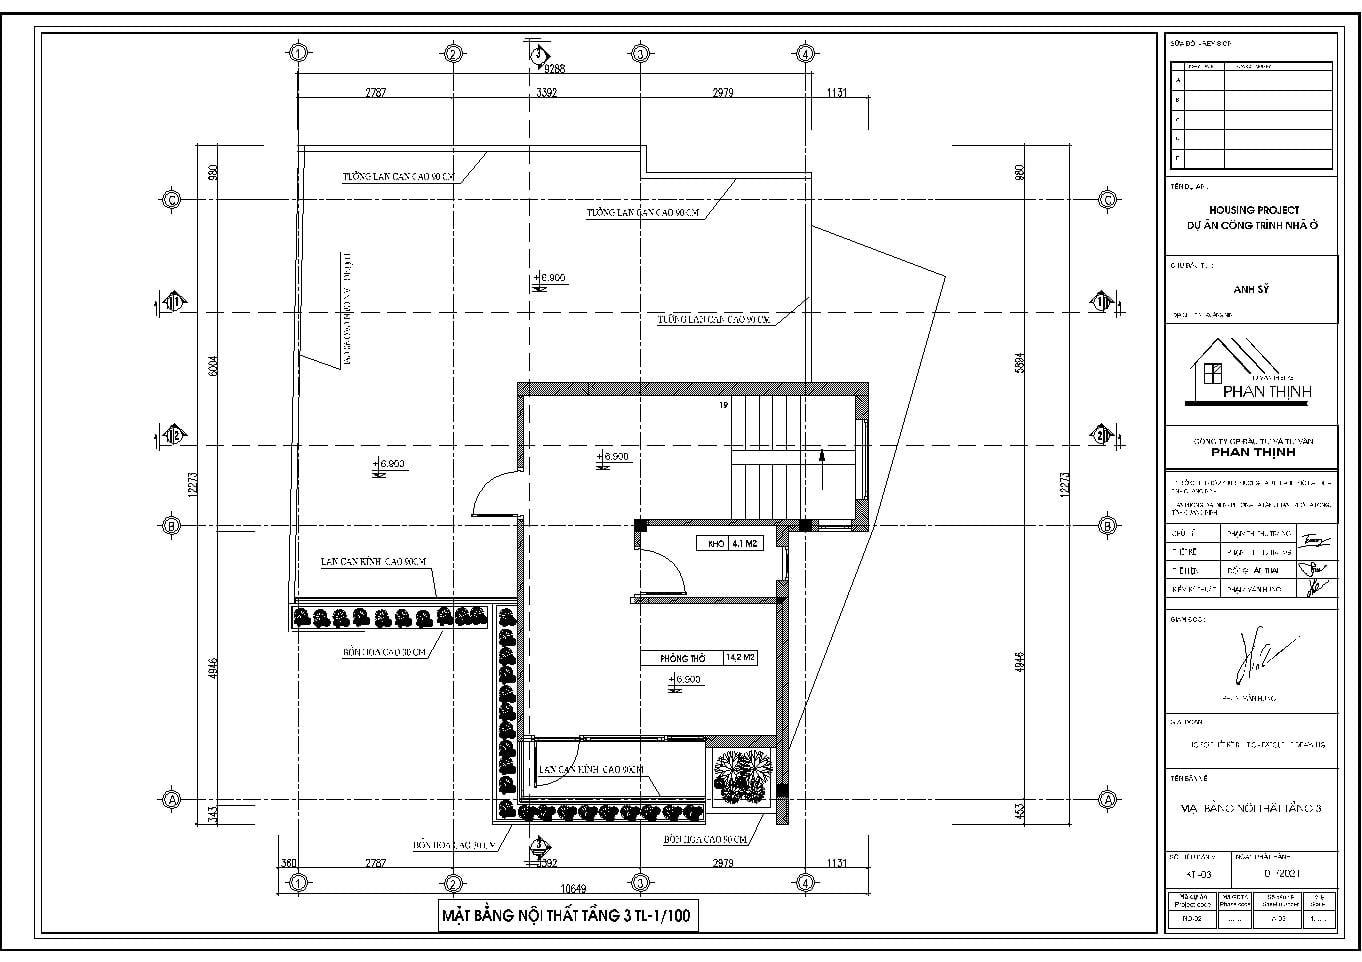 Măt bằng nội thất tầng 3 của ngôi nhà